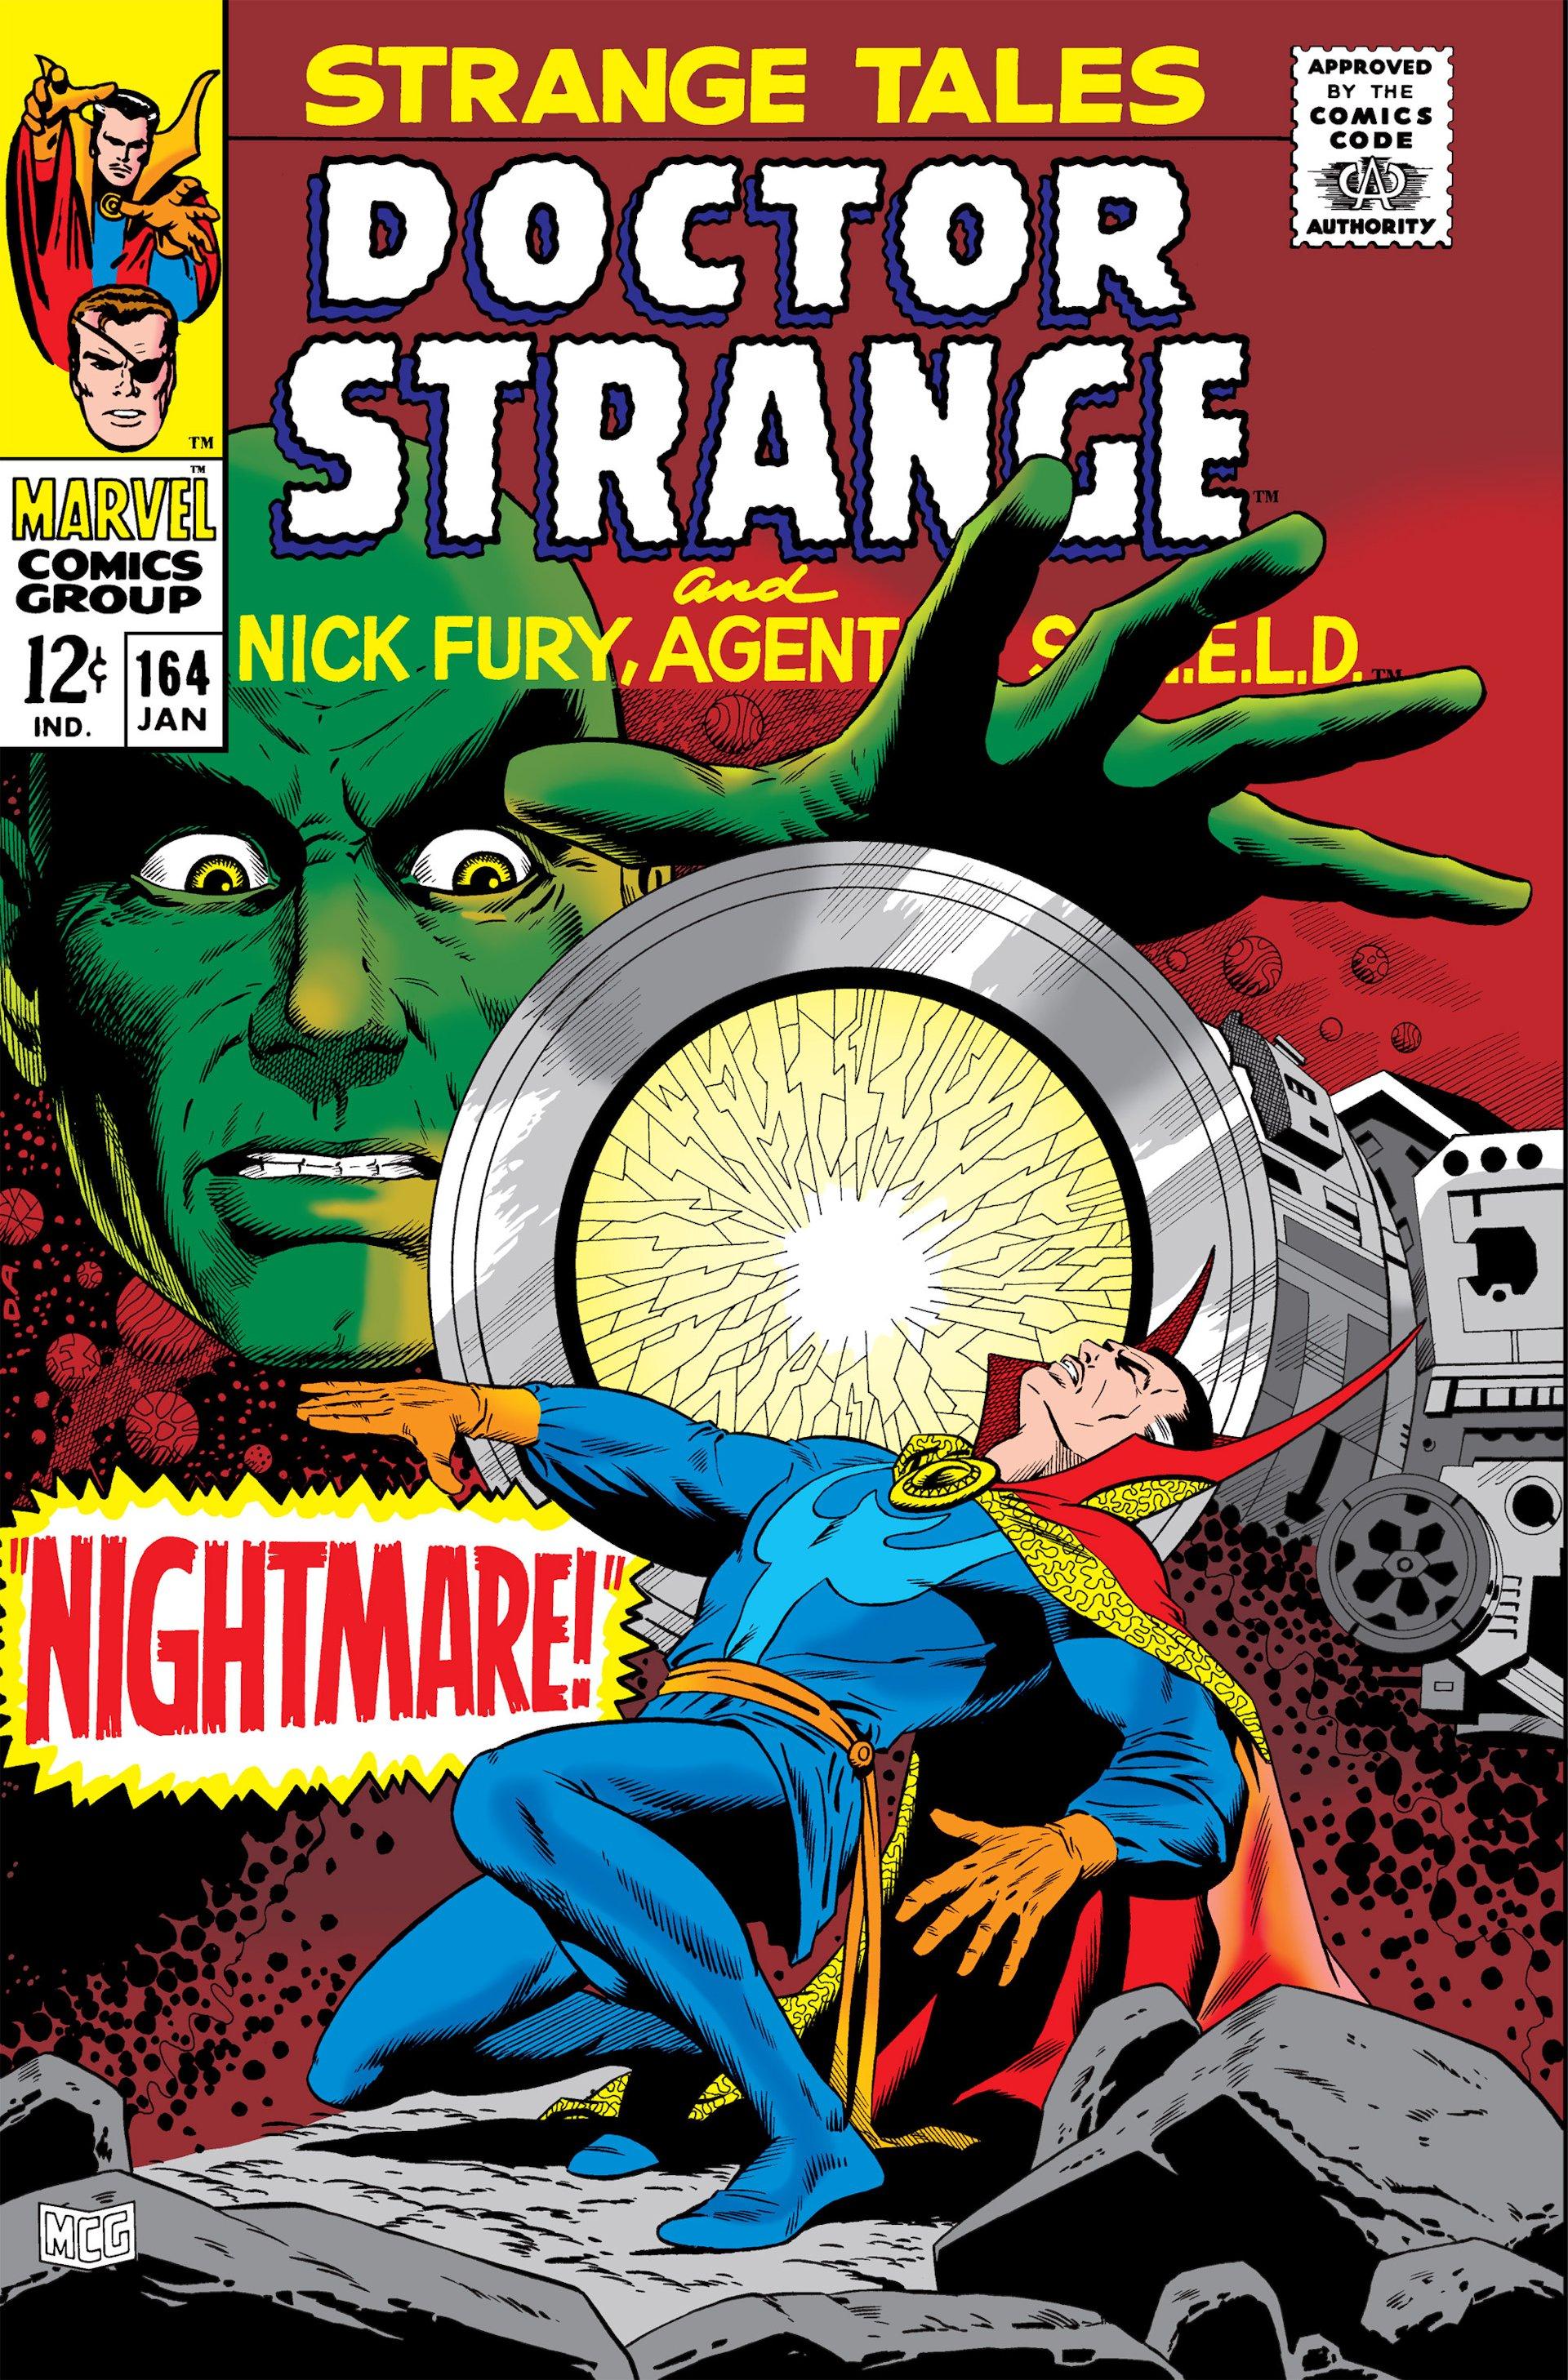 Strange Tales (1951) 164 Page 1